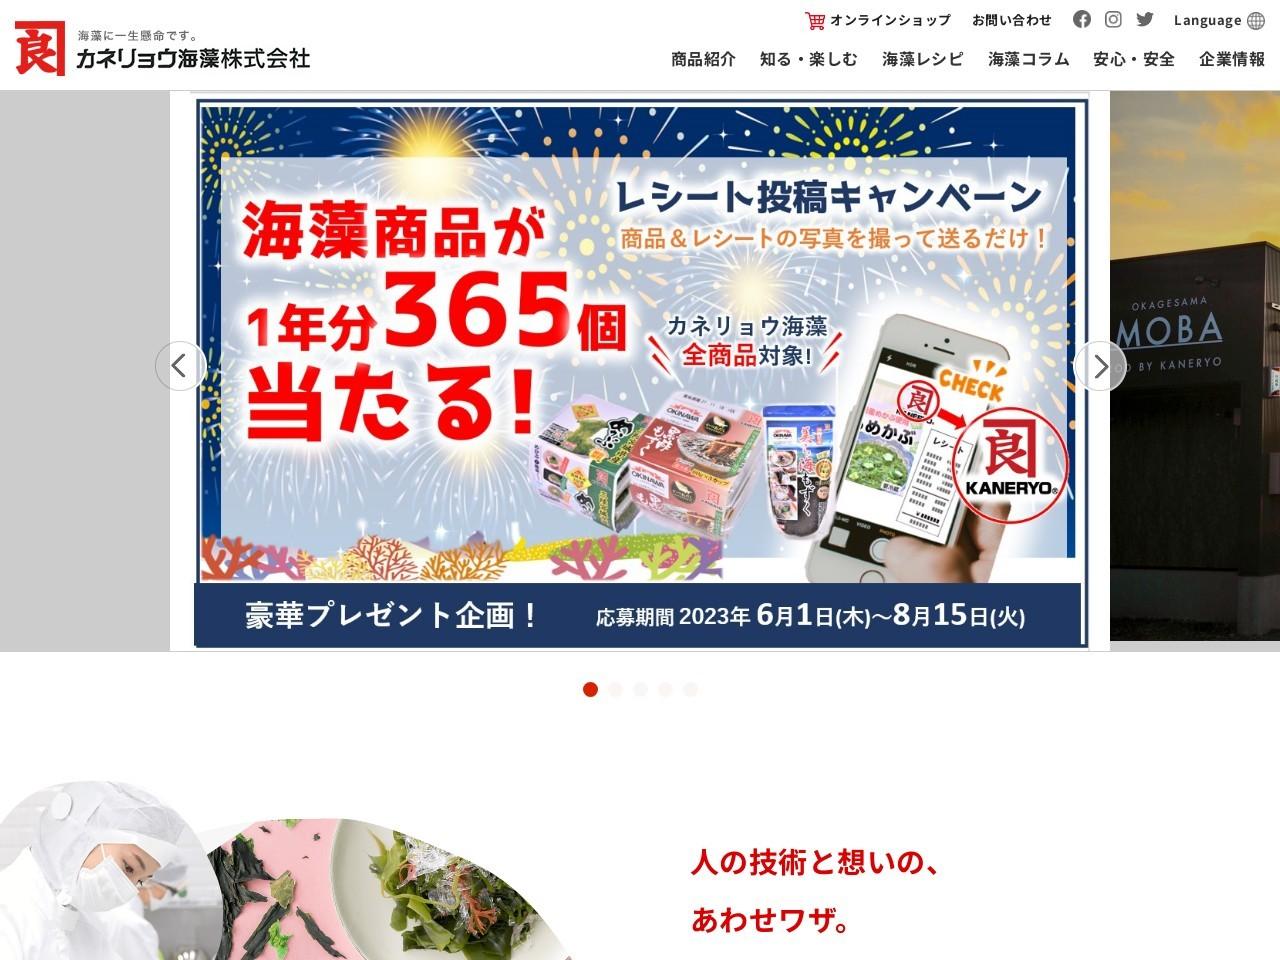 カネリョウ海藻株式会社